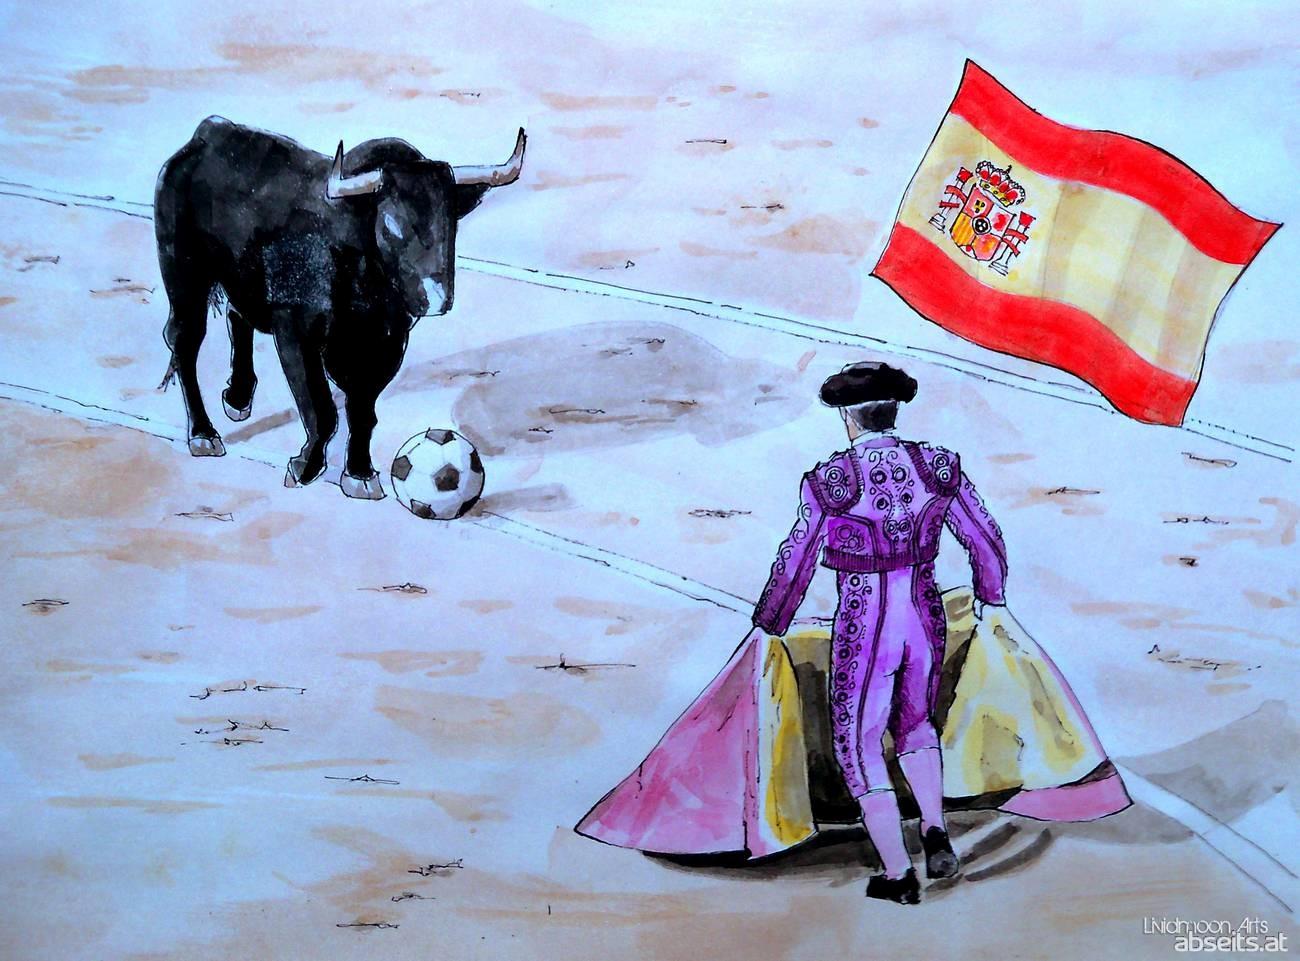 Fußball in Spanien - Der Torrero und der Stier_abseits.at